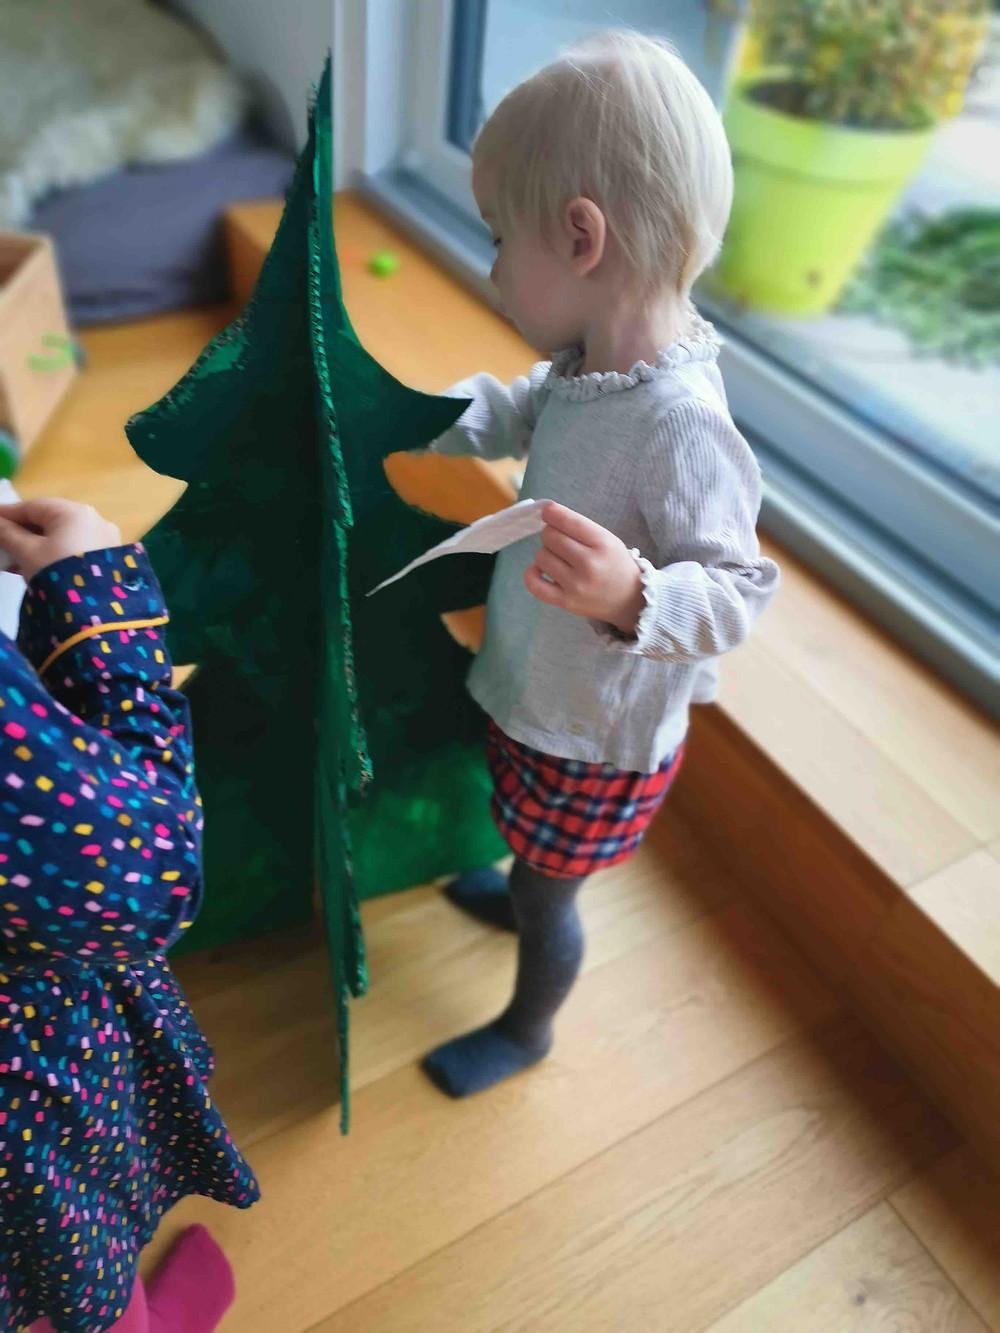 Kinder Weihnachtsbaum, basteln, Pappe, Tanne, katharina rührt